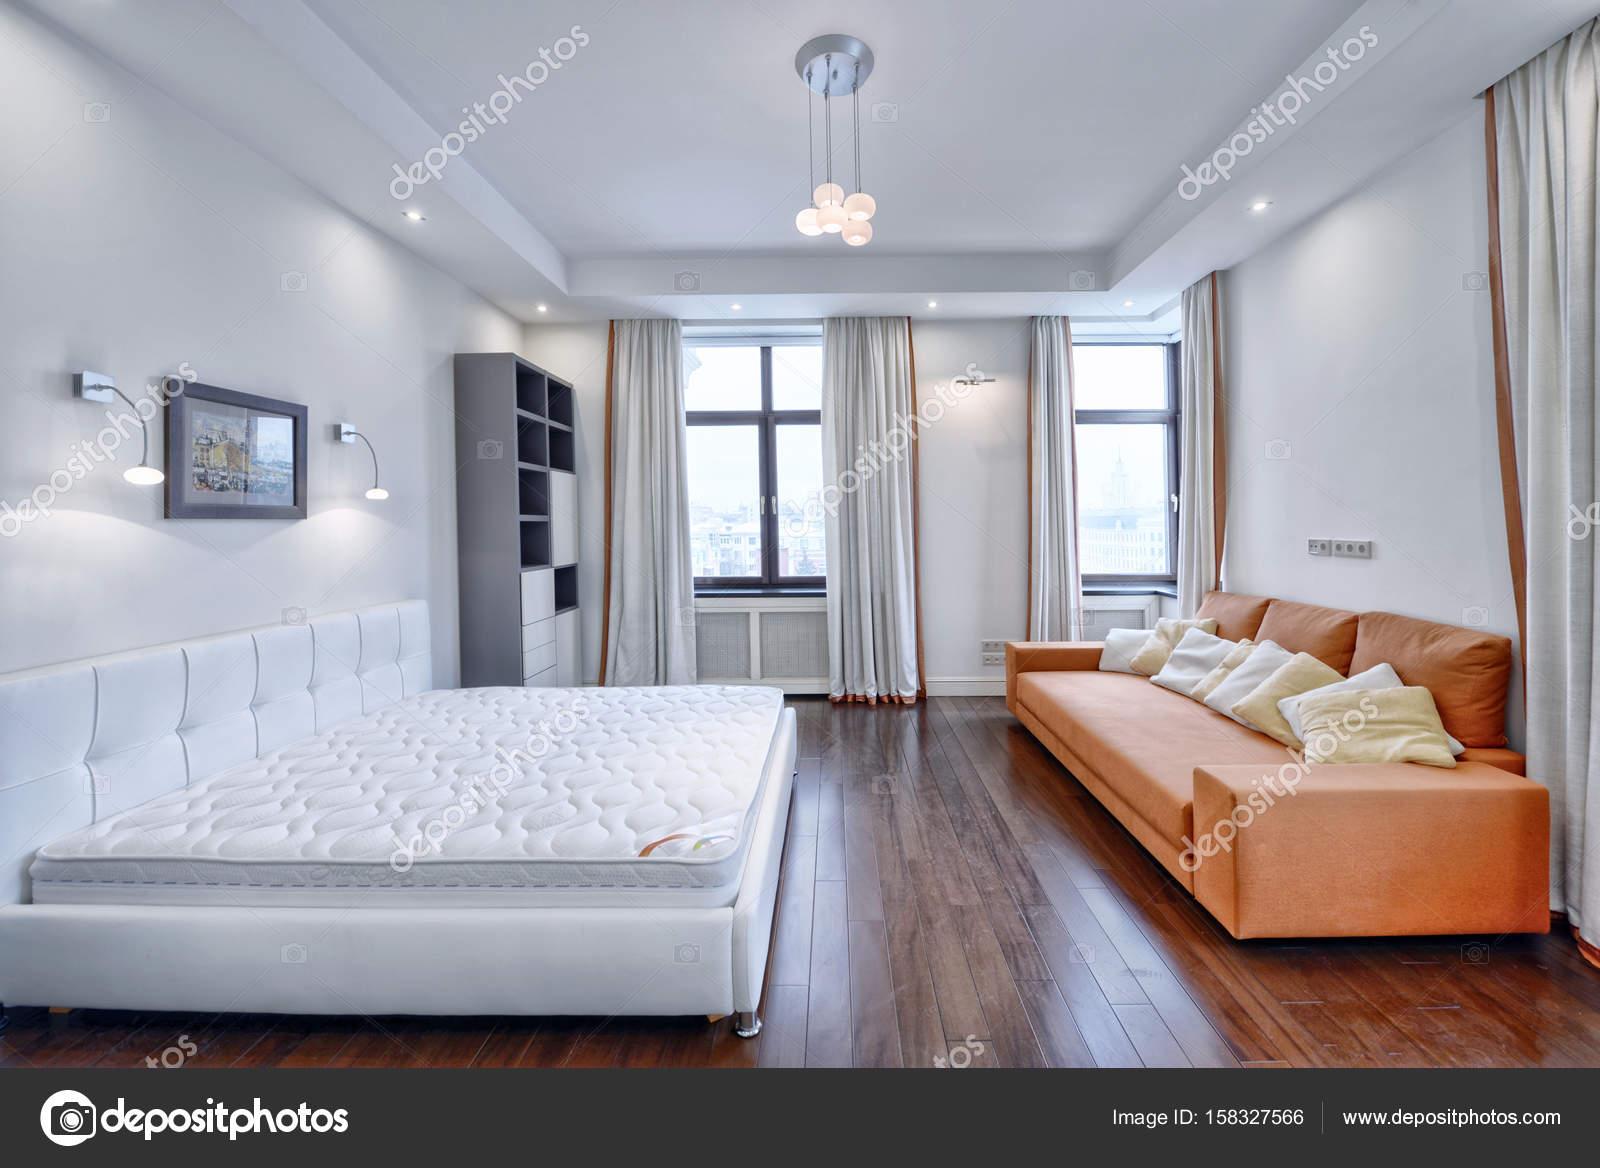 Raumgestaltung Schlafzimmer — Stockfoto © ovchinnikovfoto #158327566